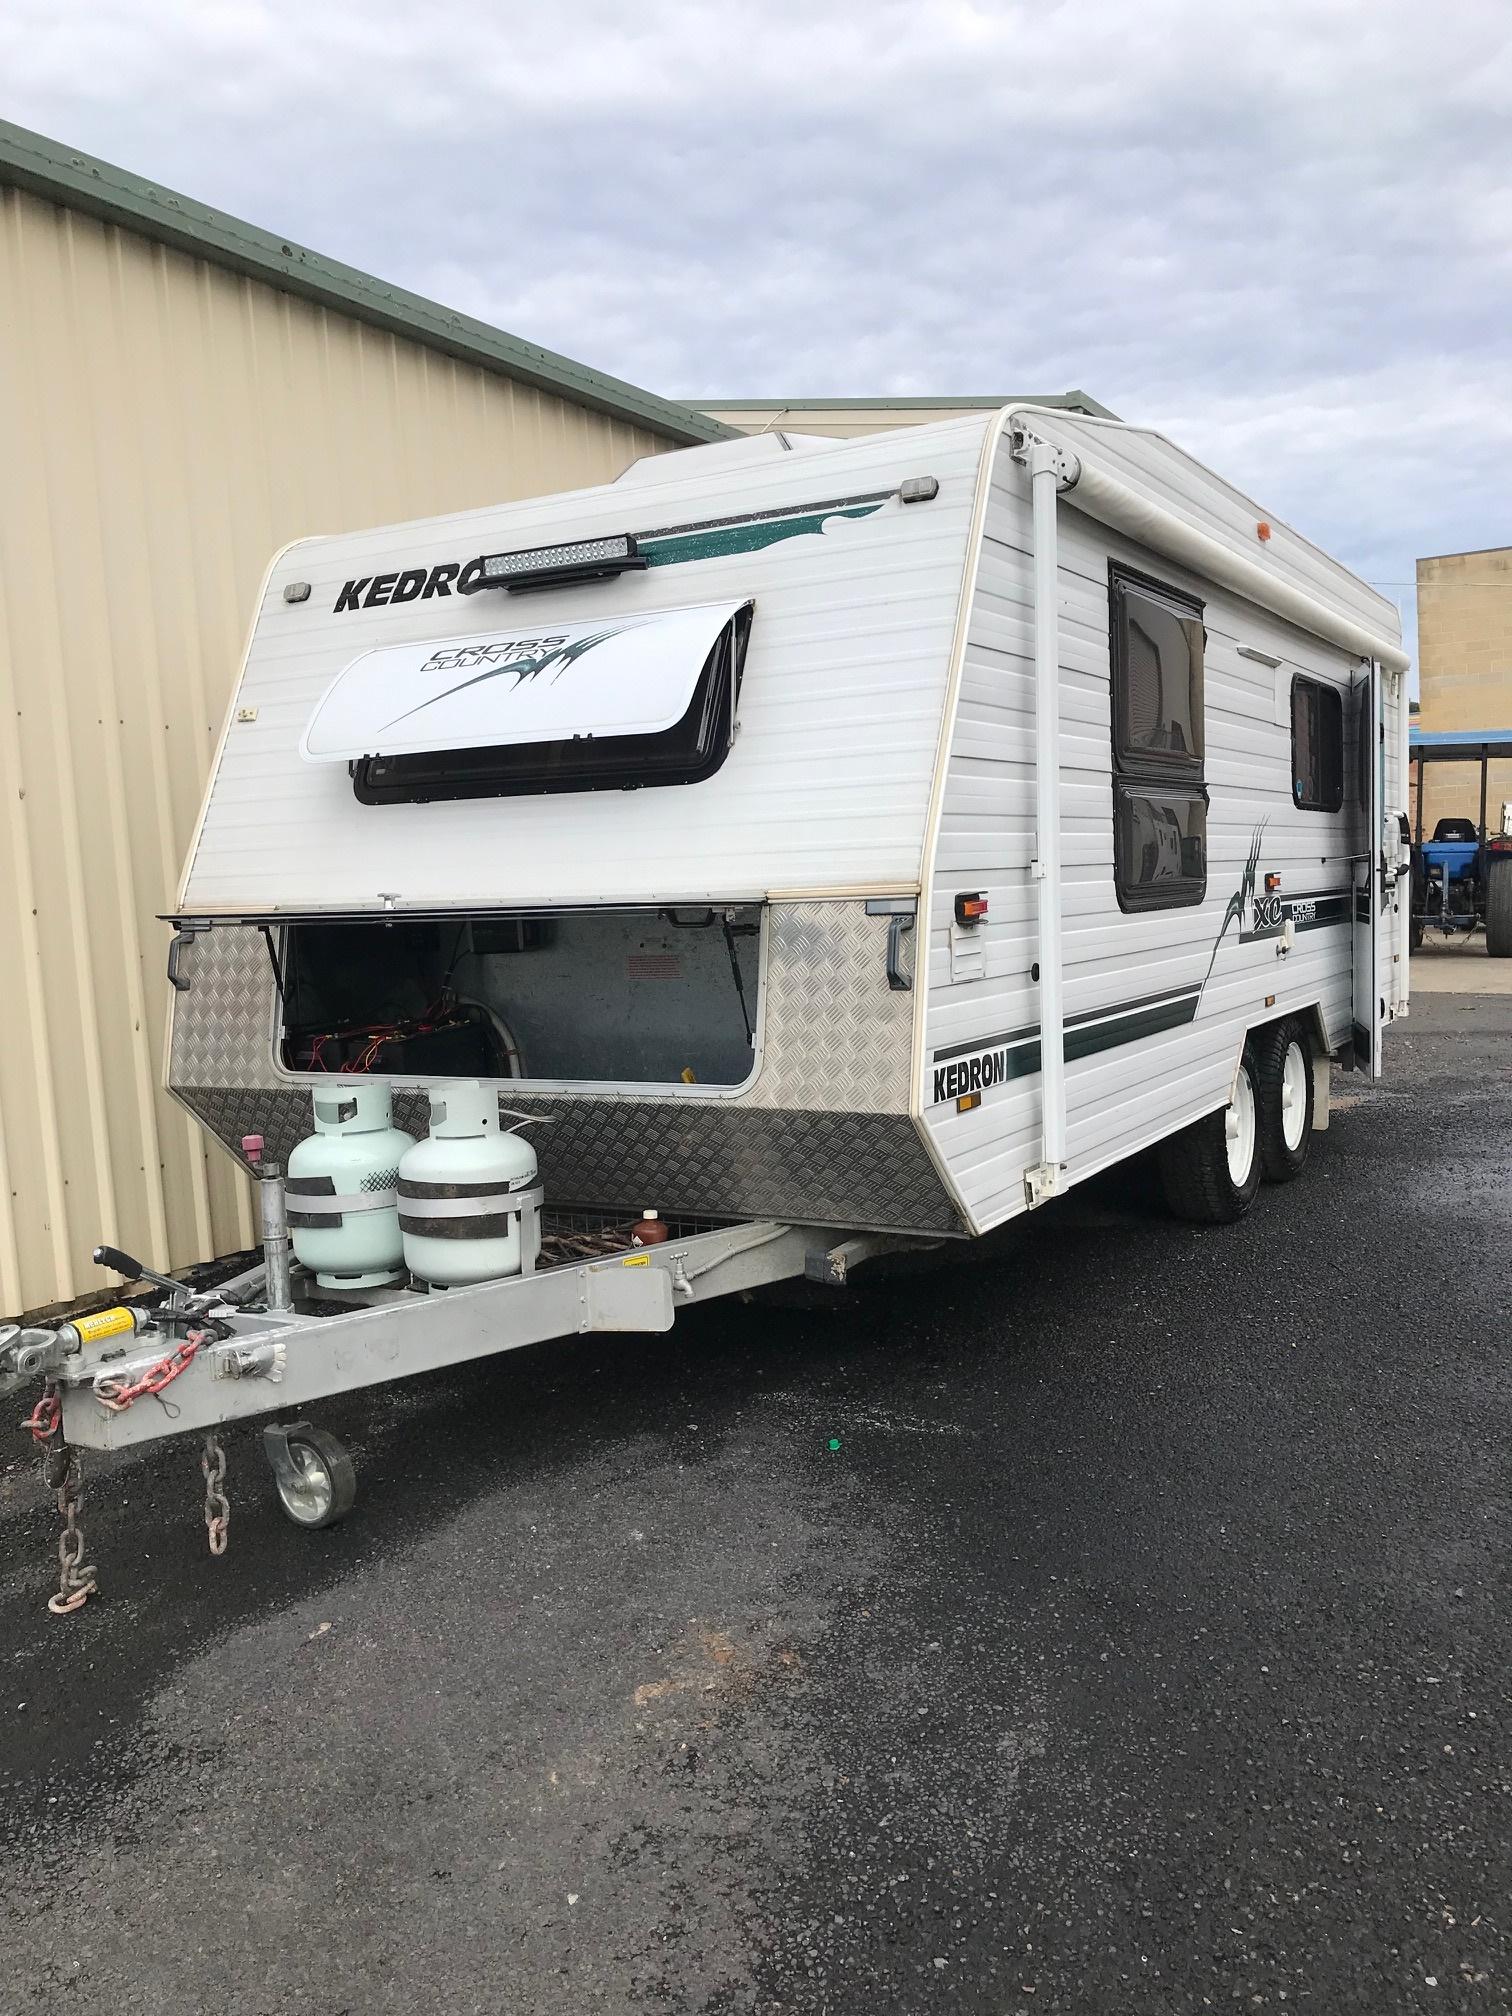 KEDRON Cross Country 19'6 Off-Grid Caravan (SN10262)